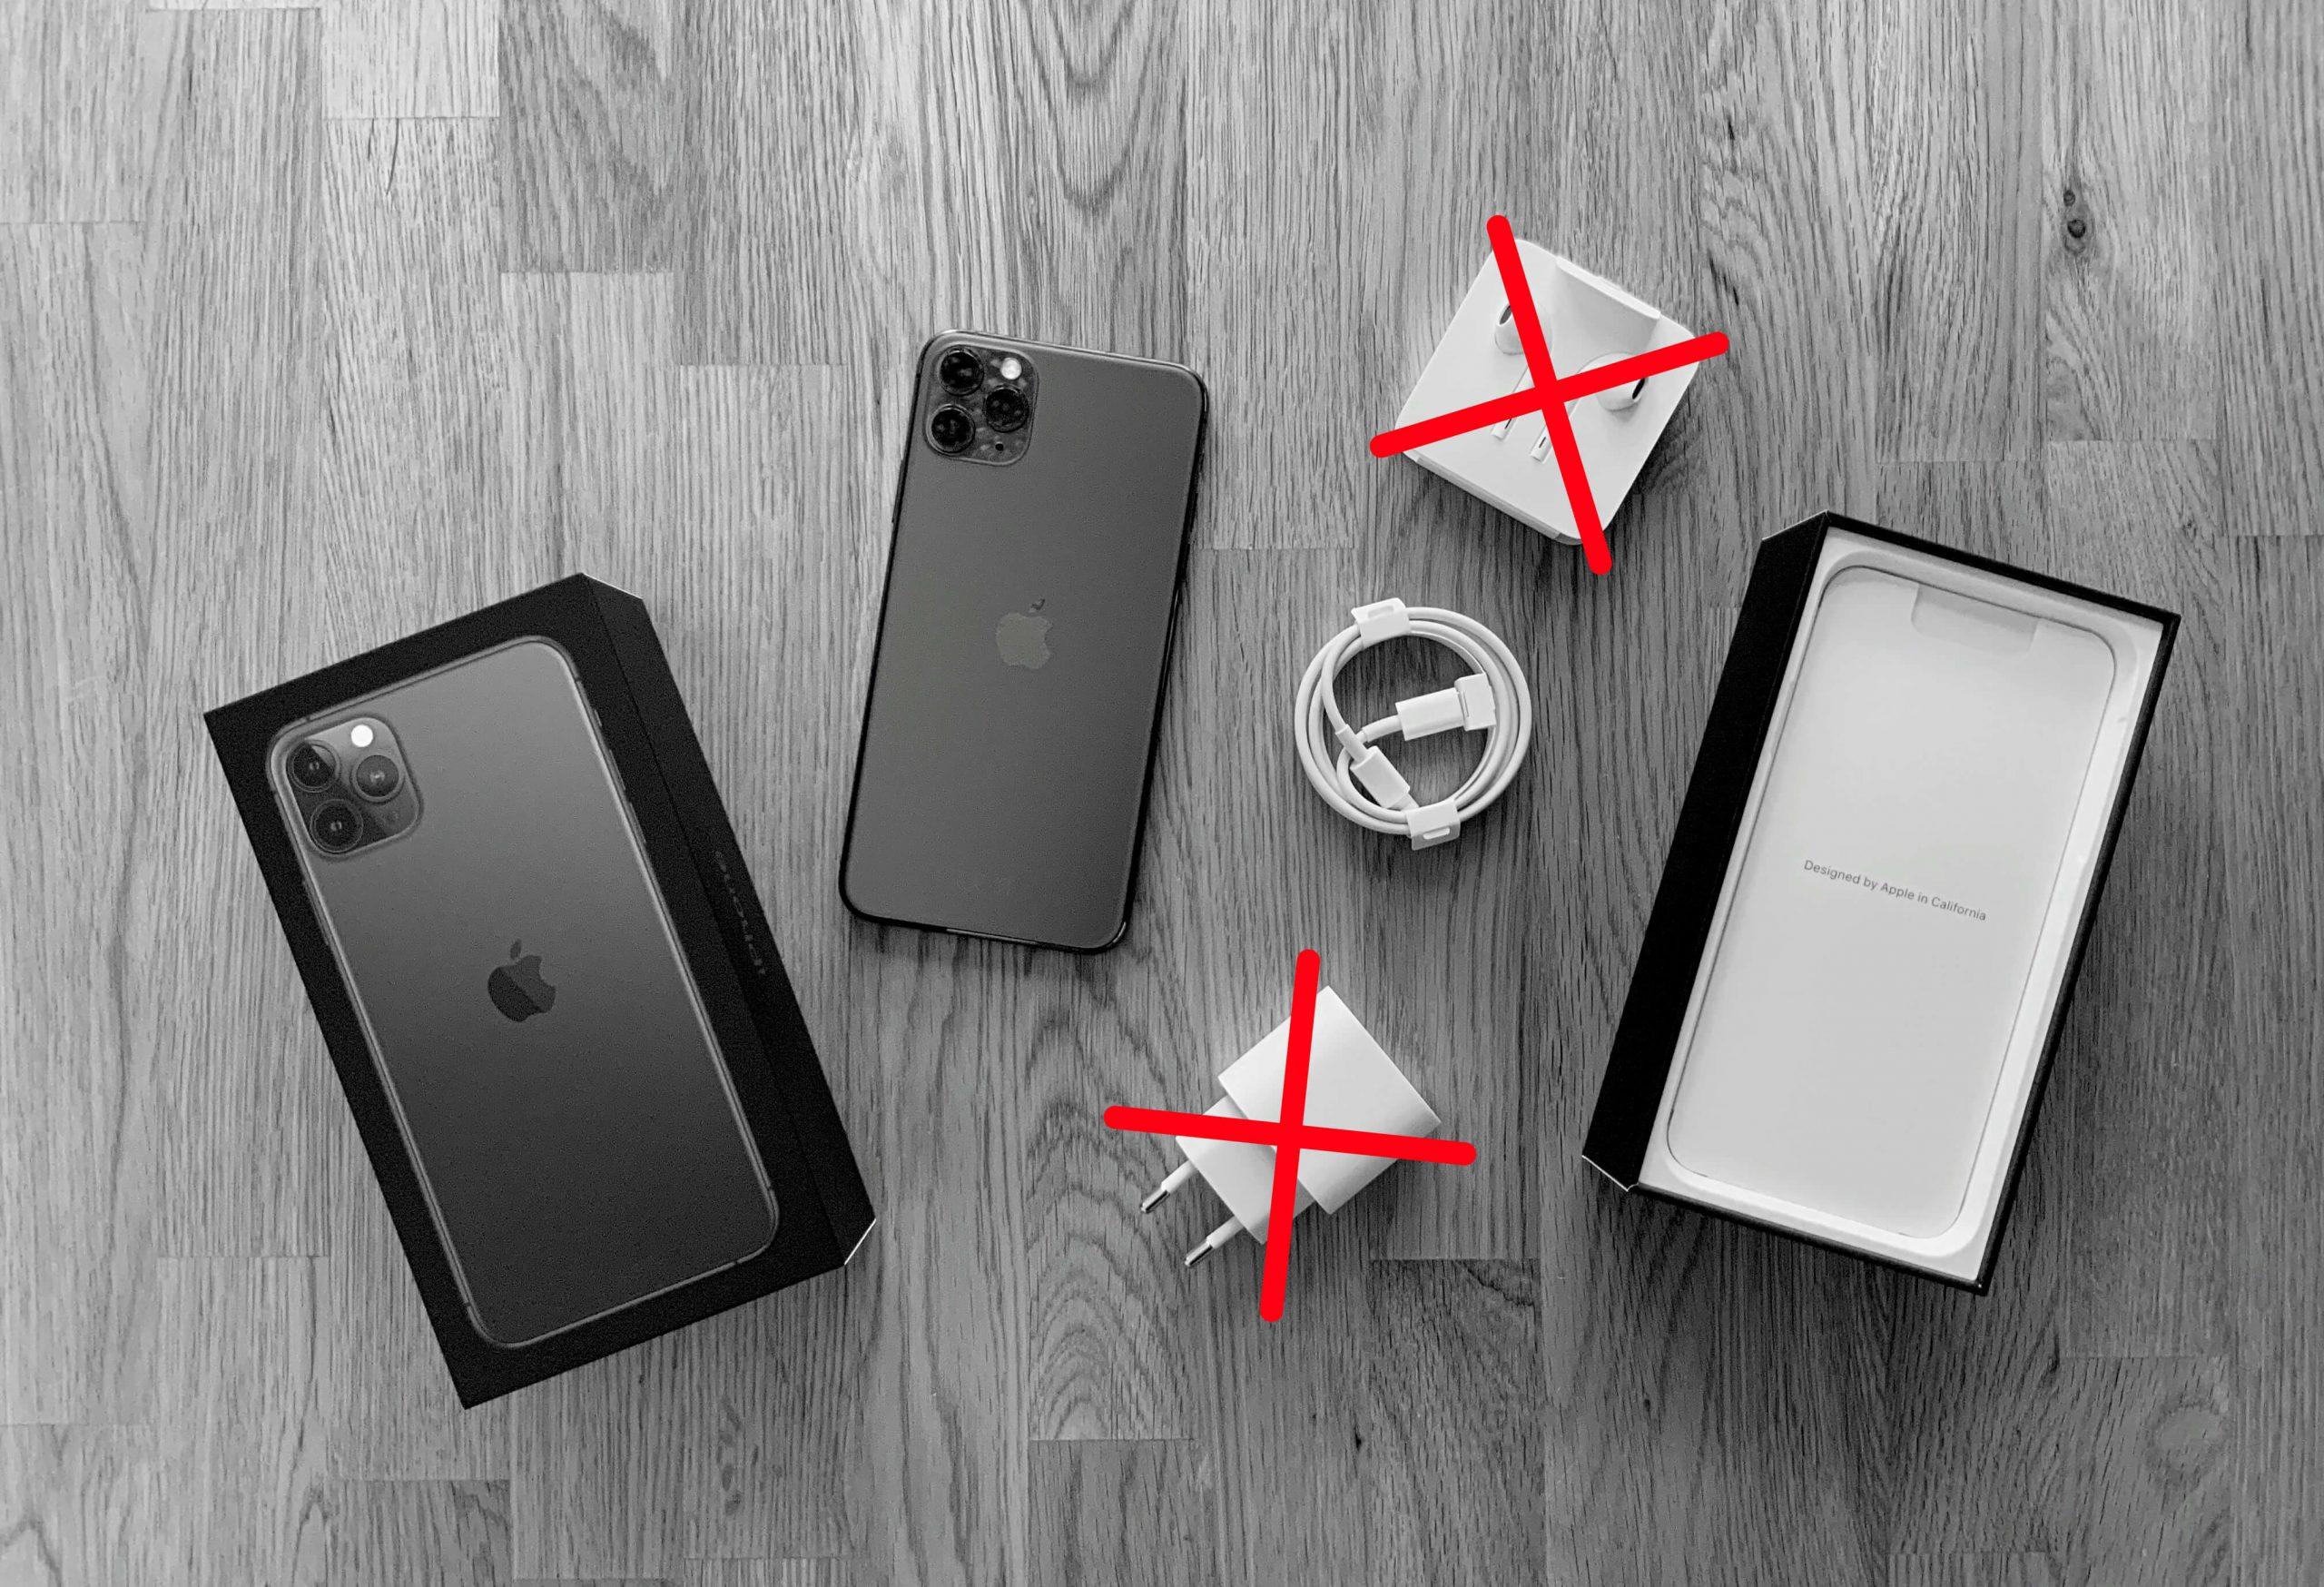 iPhone-12-ohne-Ladegerät-in-der-Schachtel-Kolumne-Artikelbild-scaled iPhone 12 ohne Ladegerät und Kopfhörer in der Schachtel?